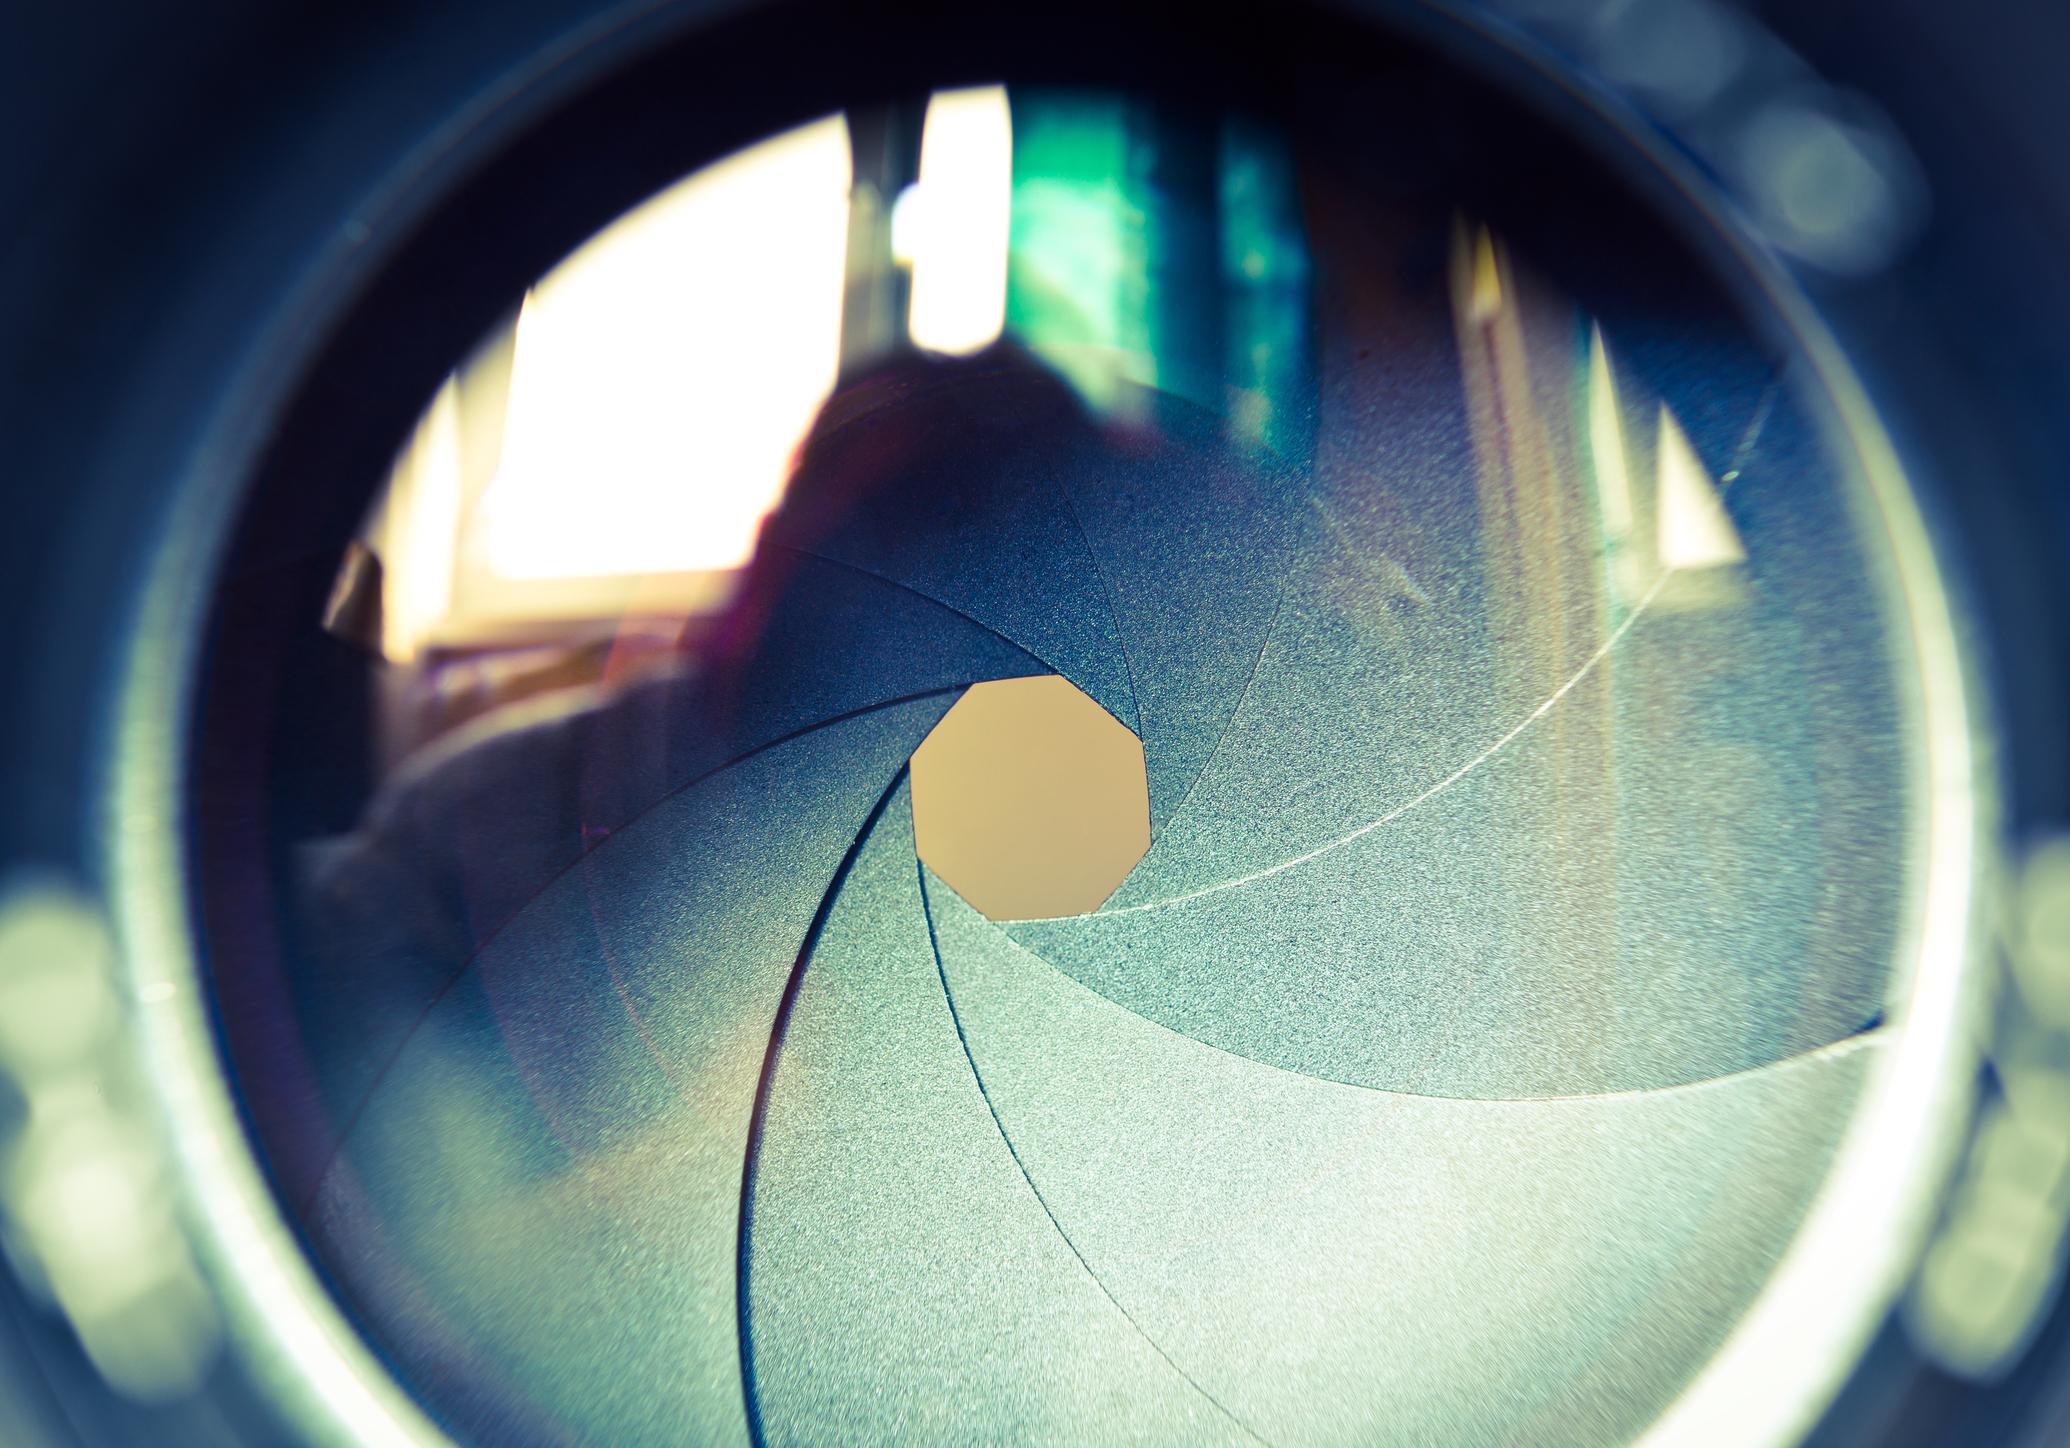 Close-up of a camera lens with narrow aperture.